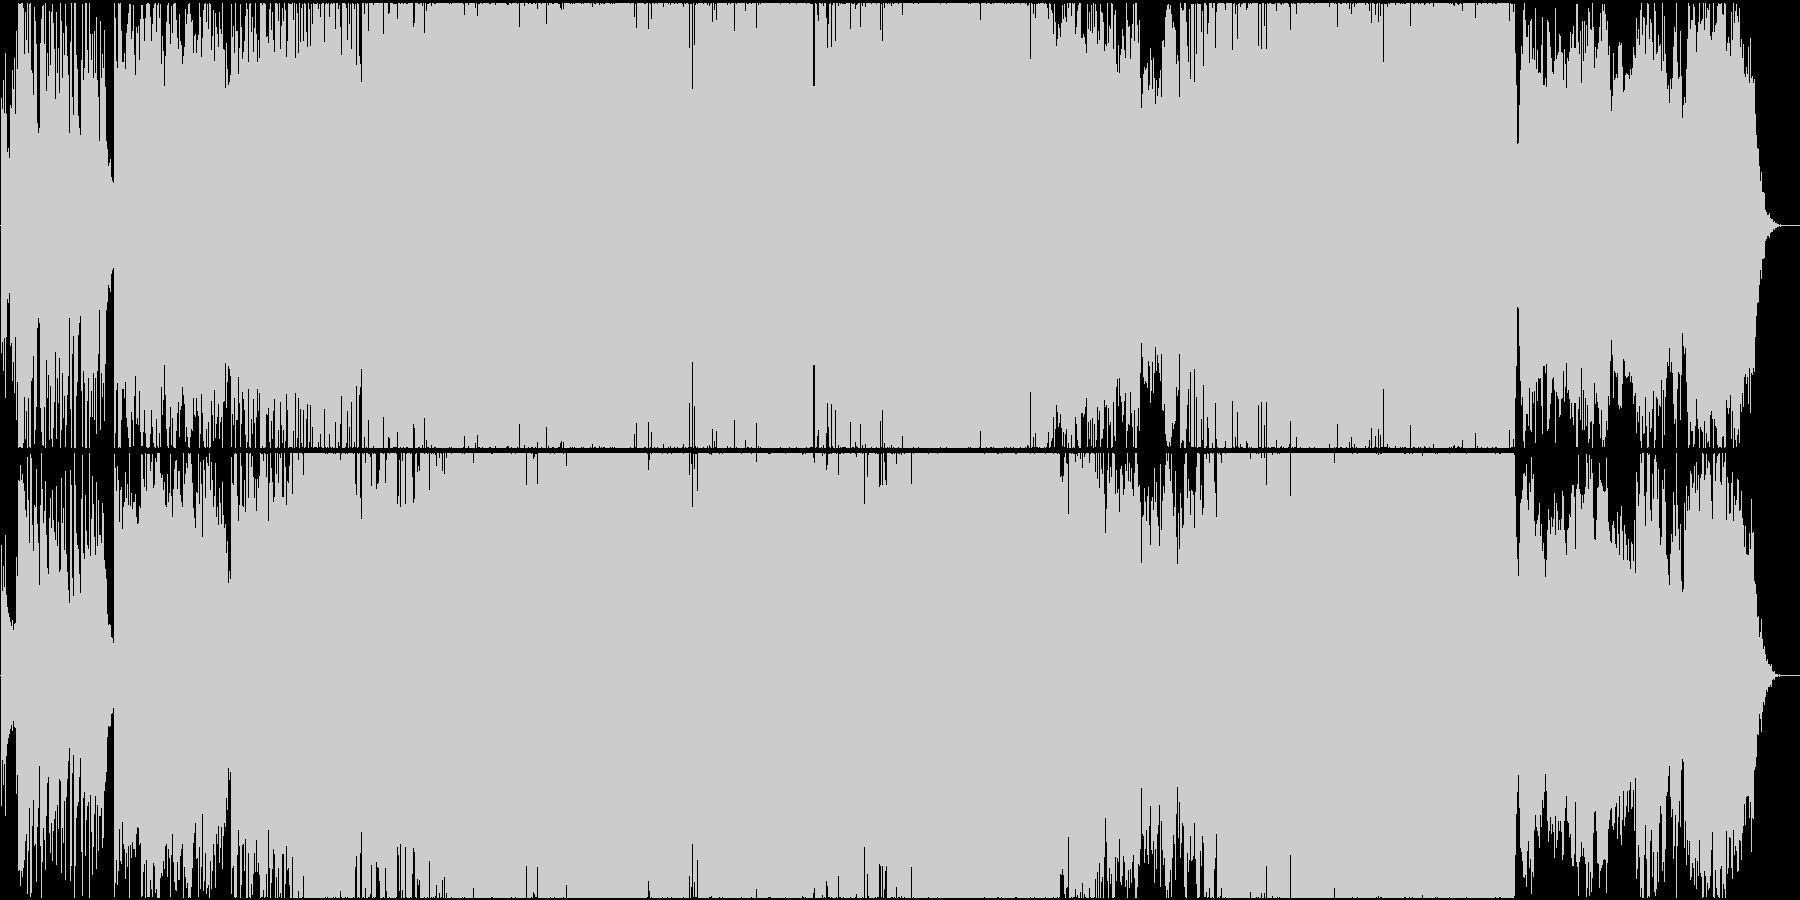 二胡(生演奏) 愁いと疾走感のある曲の未再生の波形